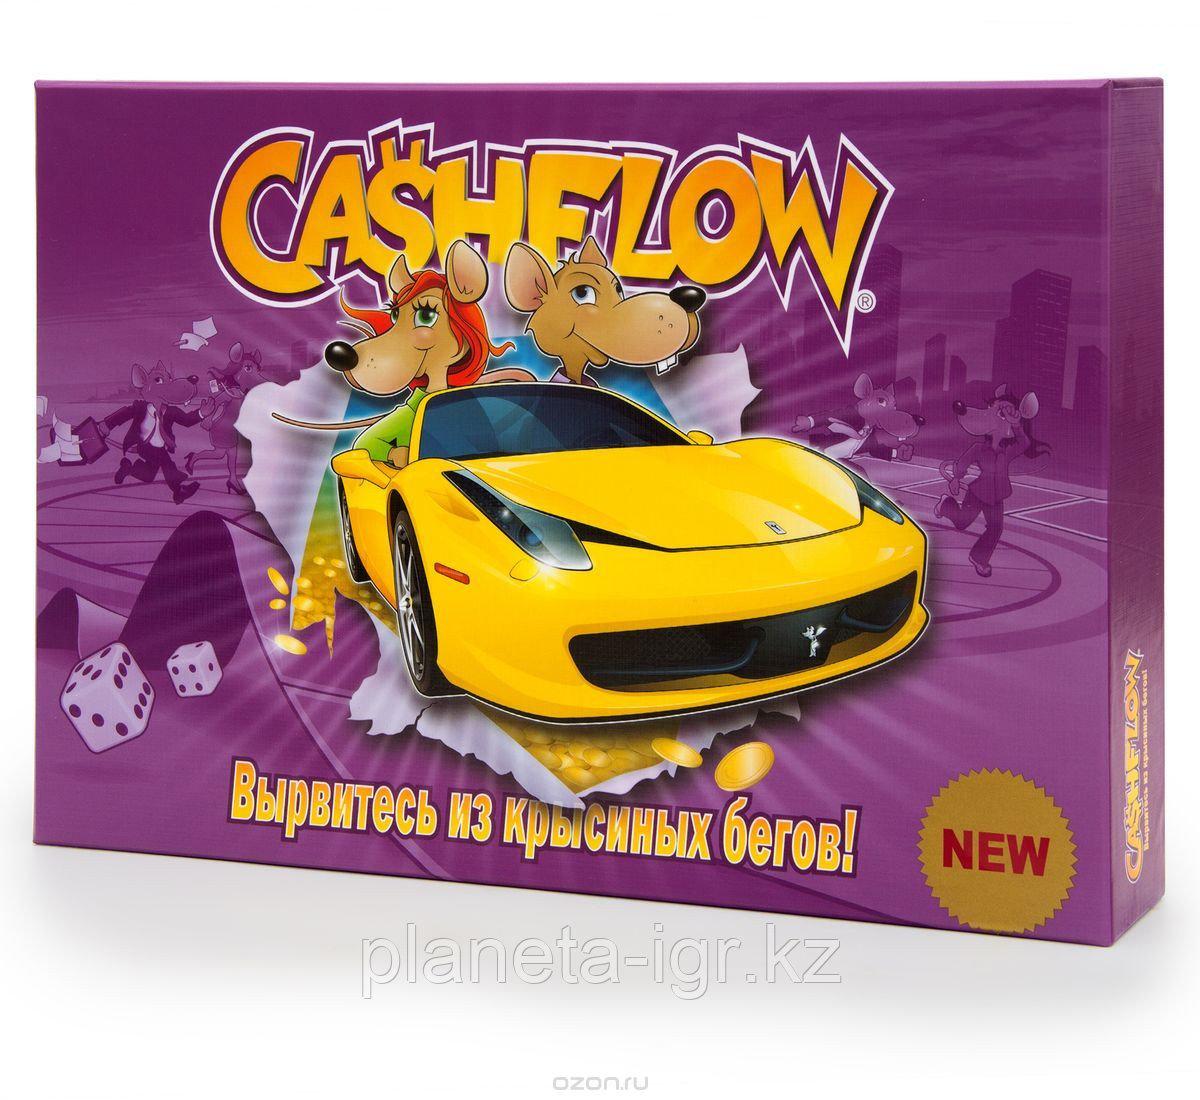 Настольная экономическая игра CASHFLOW-Денежный поток 101 От Роберта Кийосаки, версия 2014 года